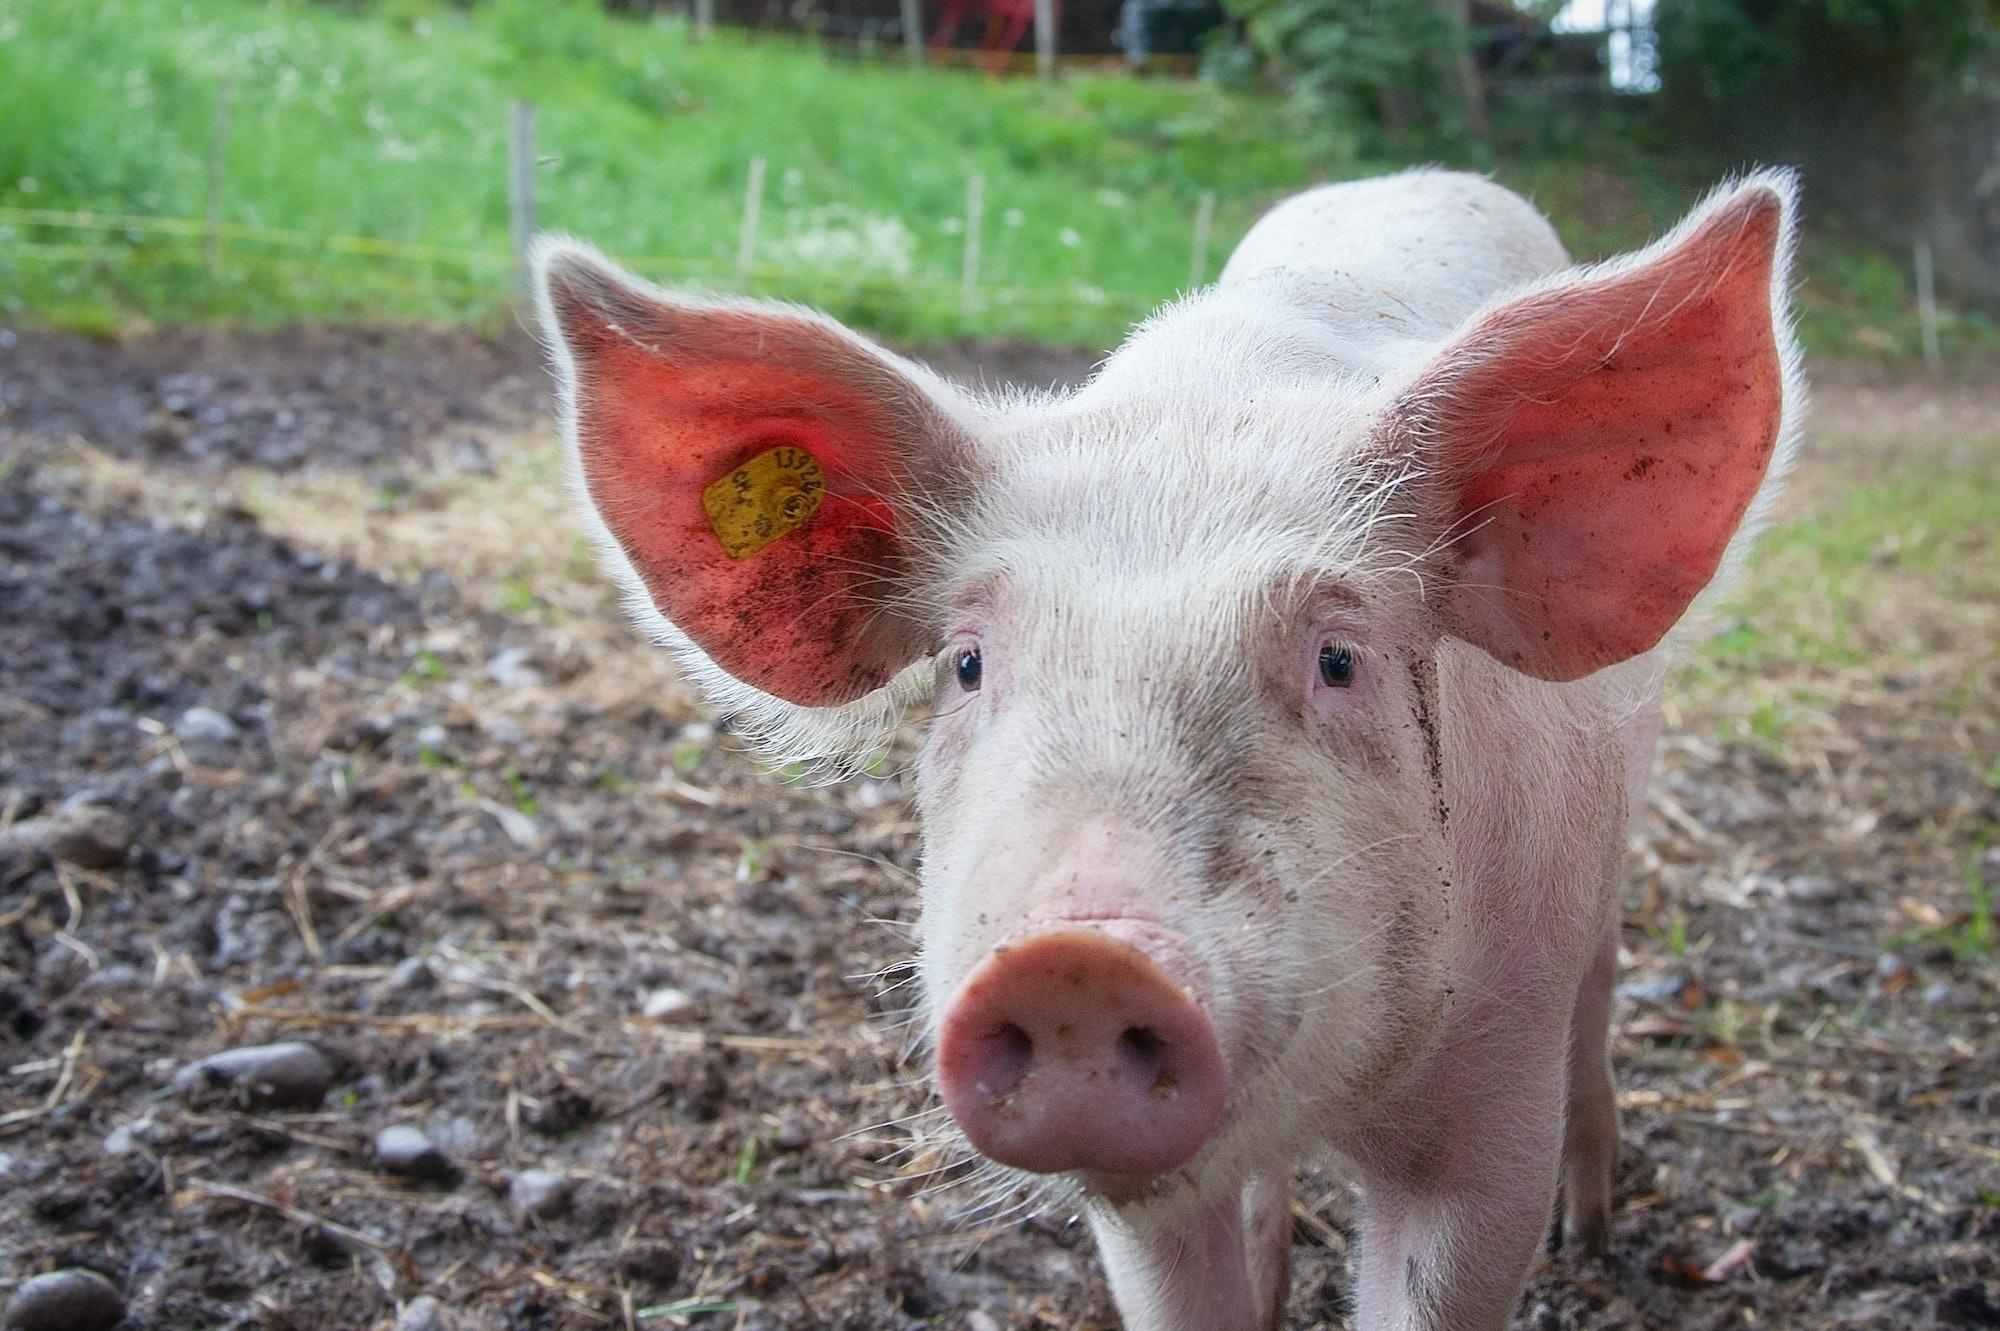 Pig parts organs xenotransplantation